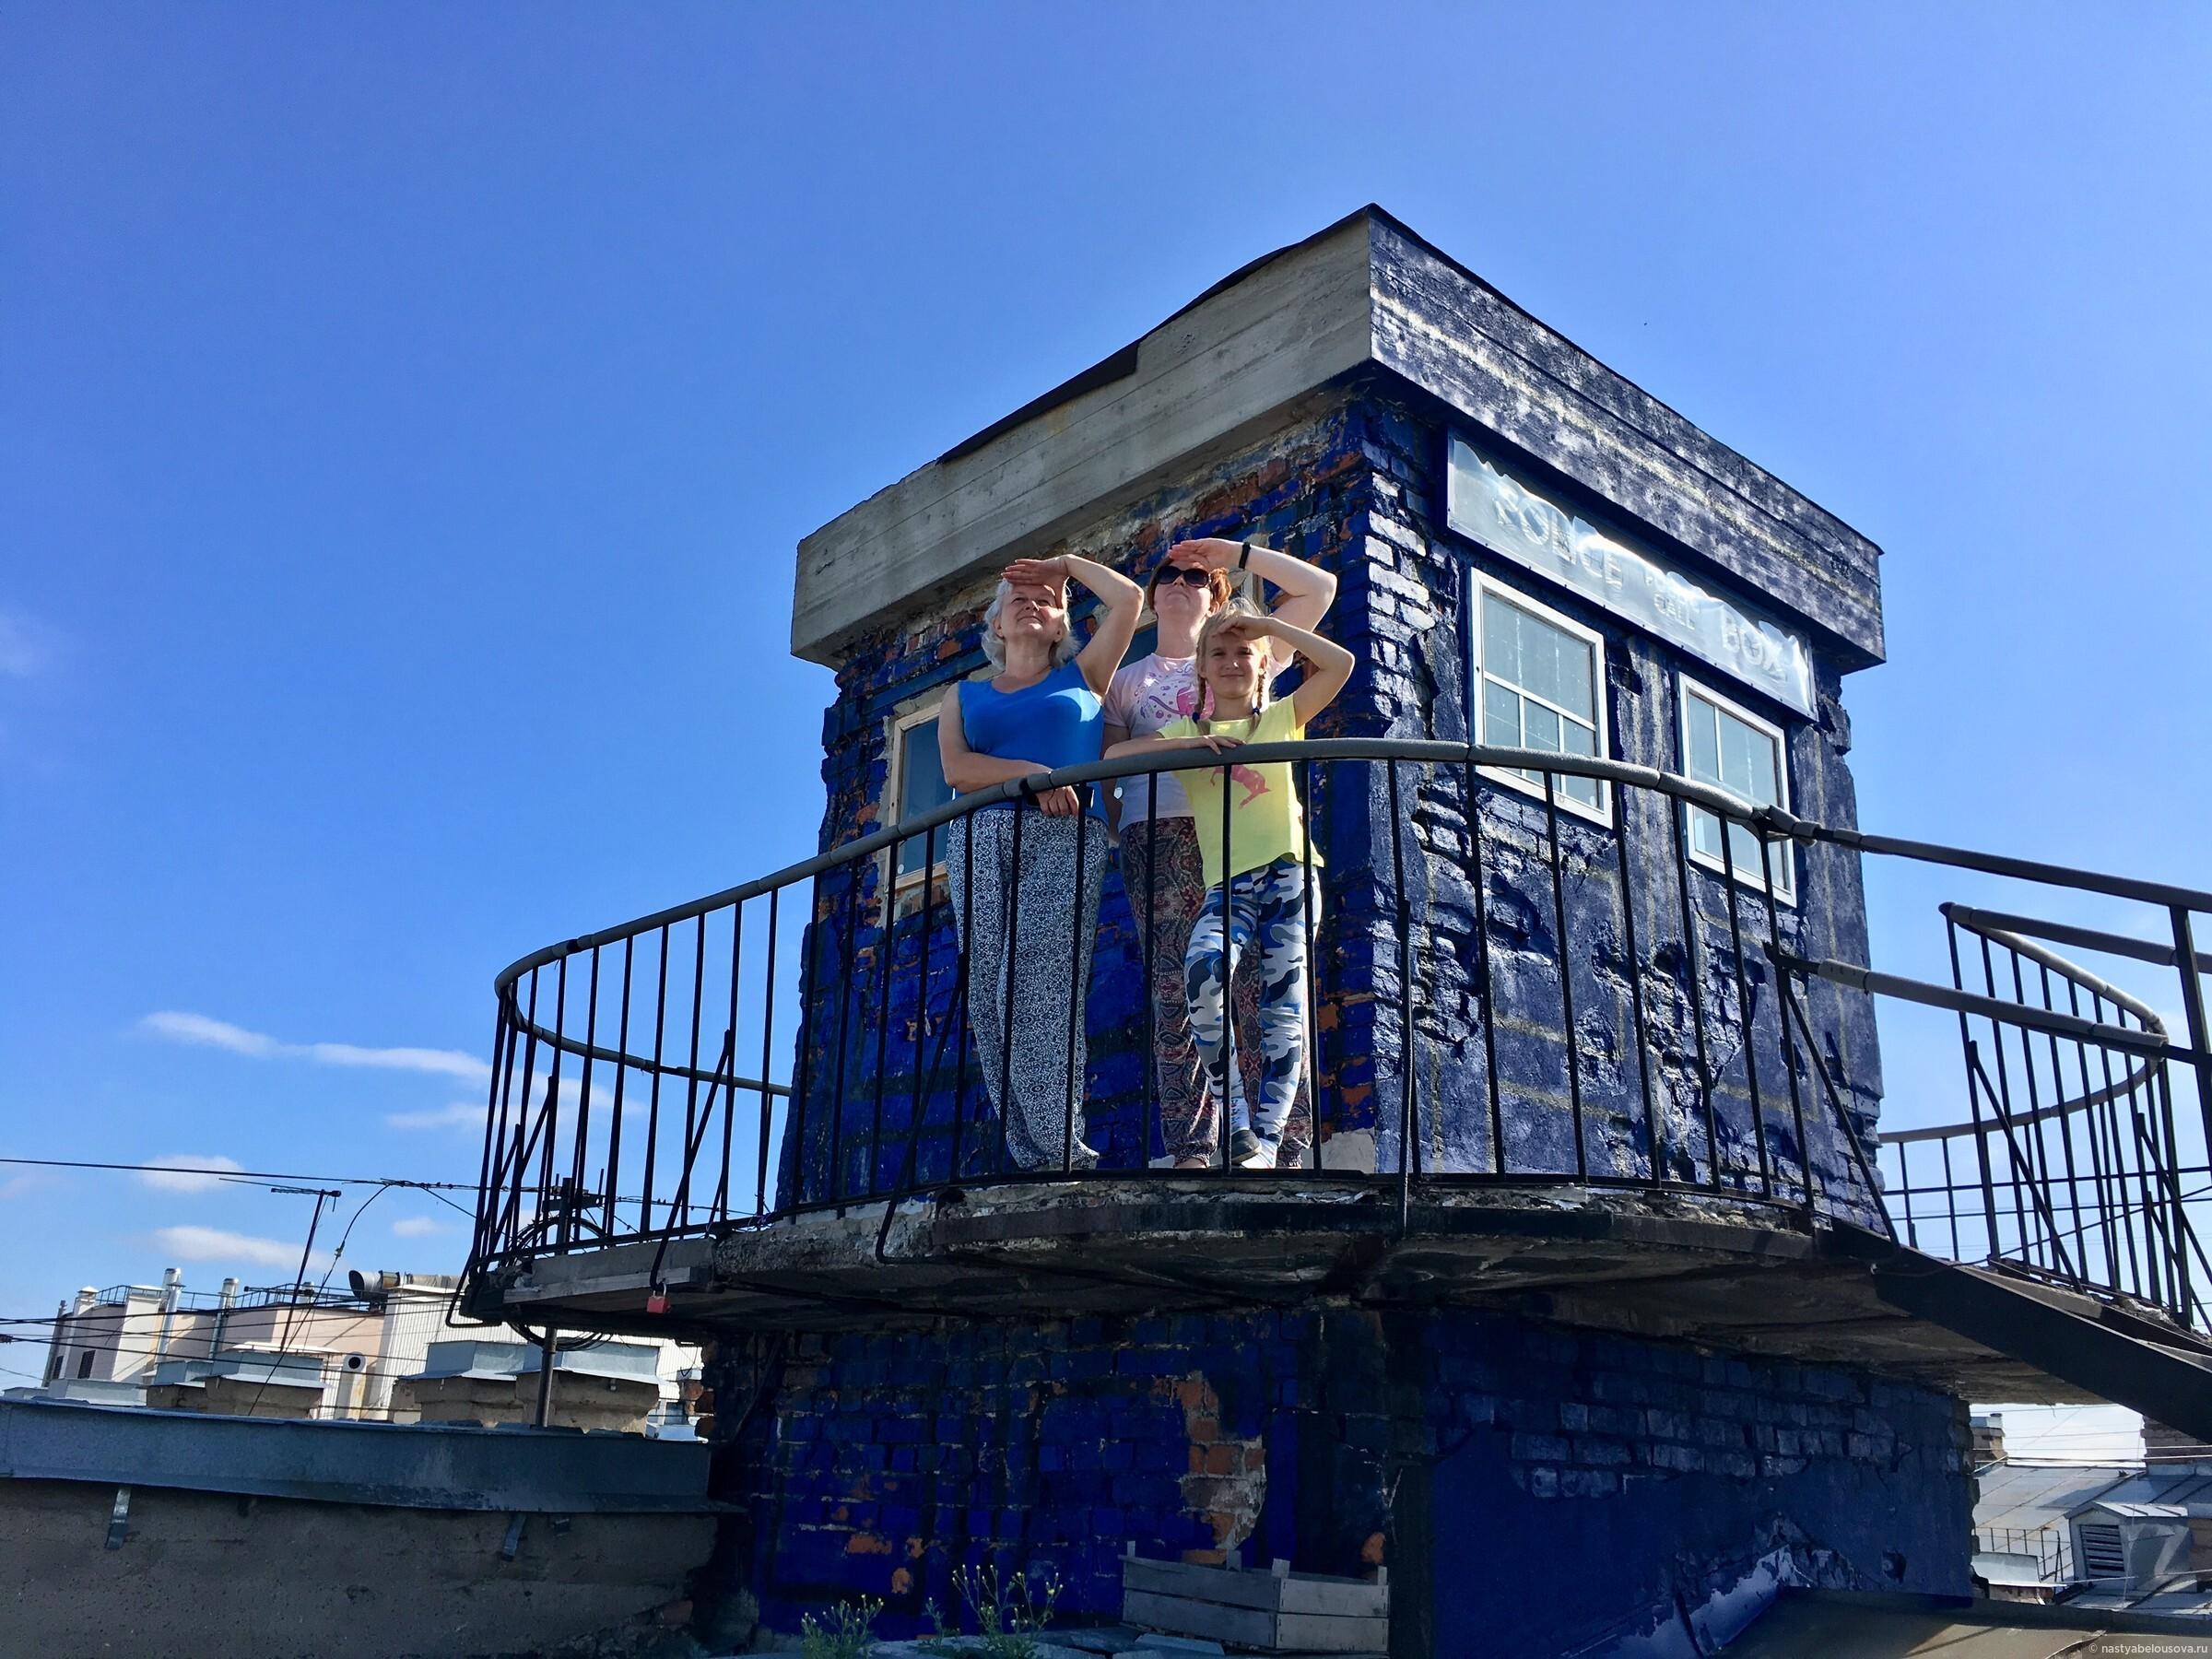 """Фото из альбома """"Фотографирую клиентов"""", Санкт-Петербург, Россия"""